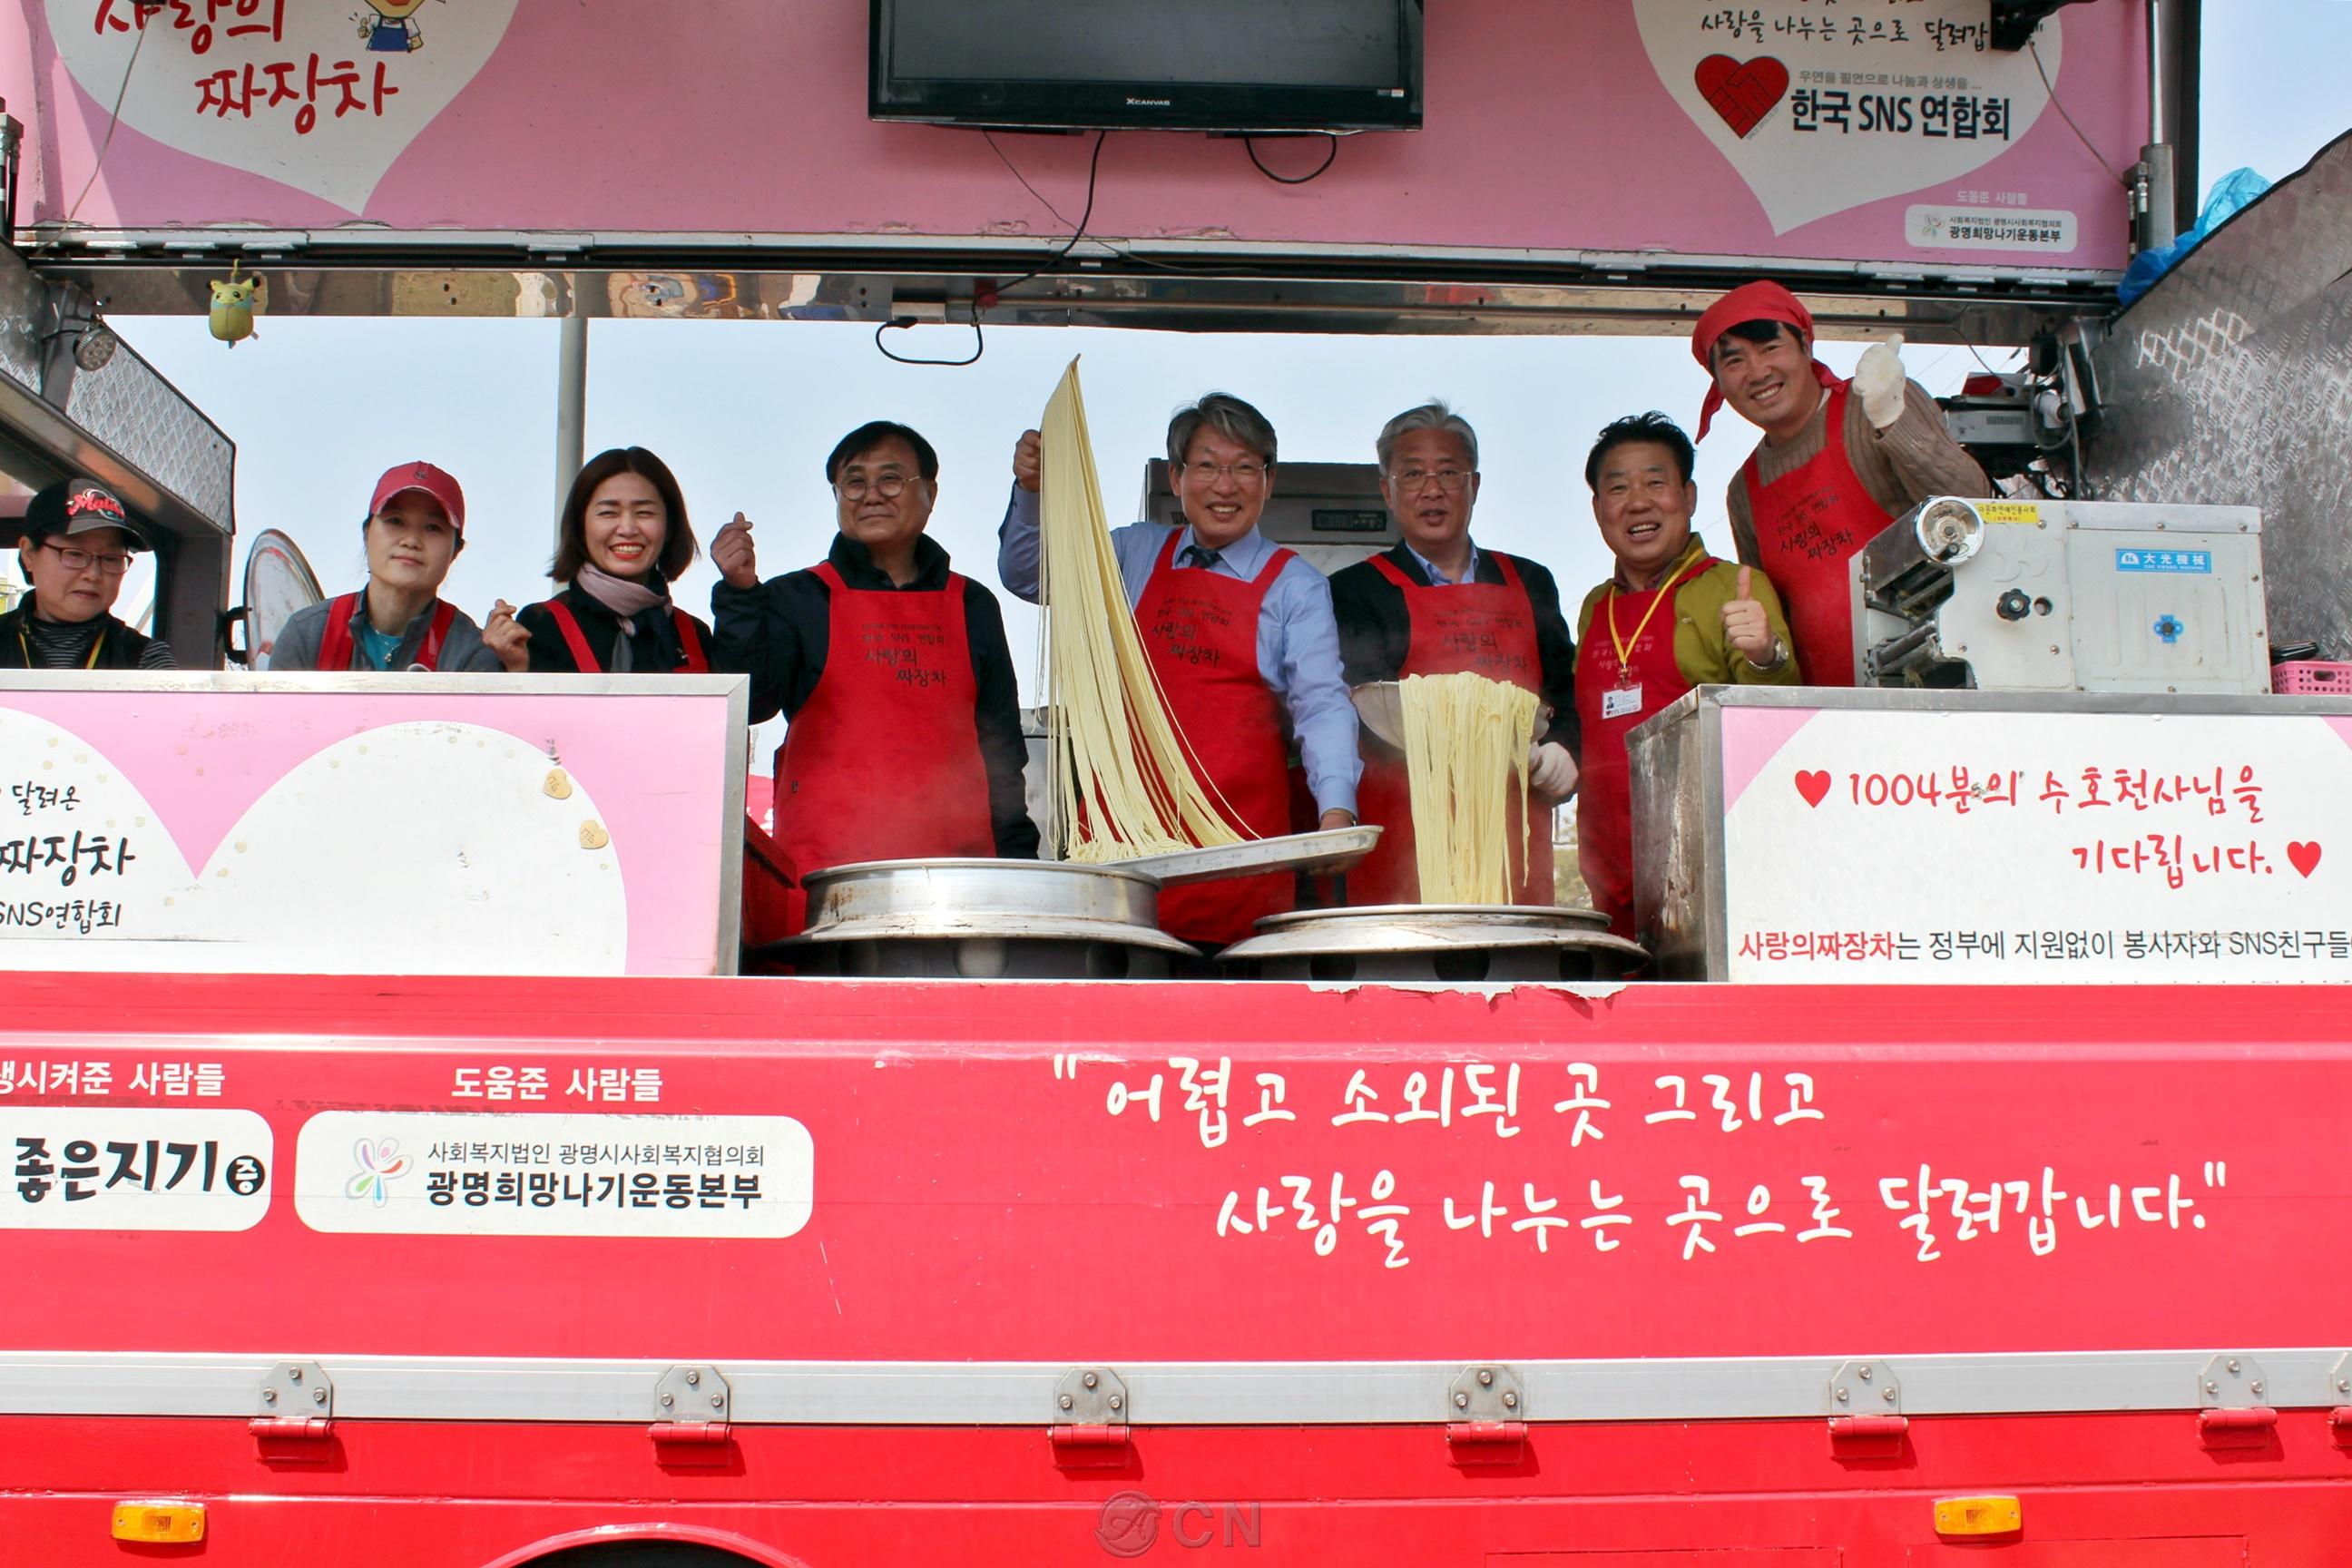 [현장포토] 사랑의 짜장차 정읍시, 무료급식봉사 행사 열려